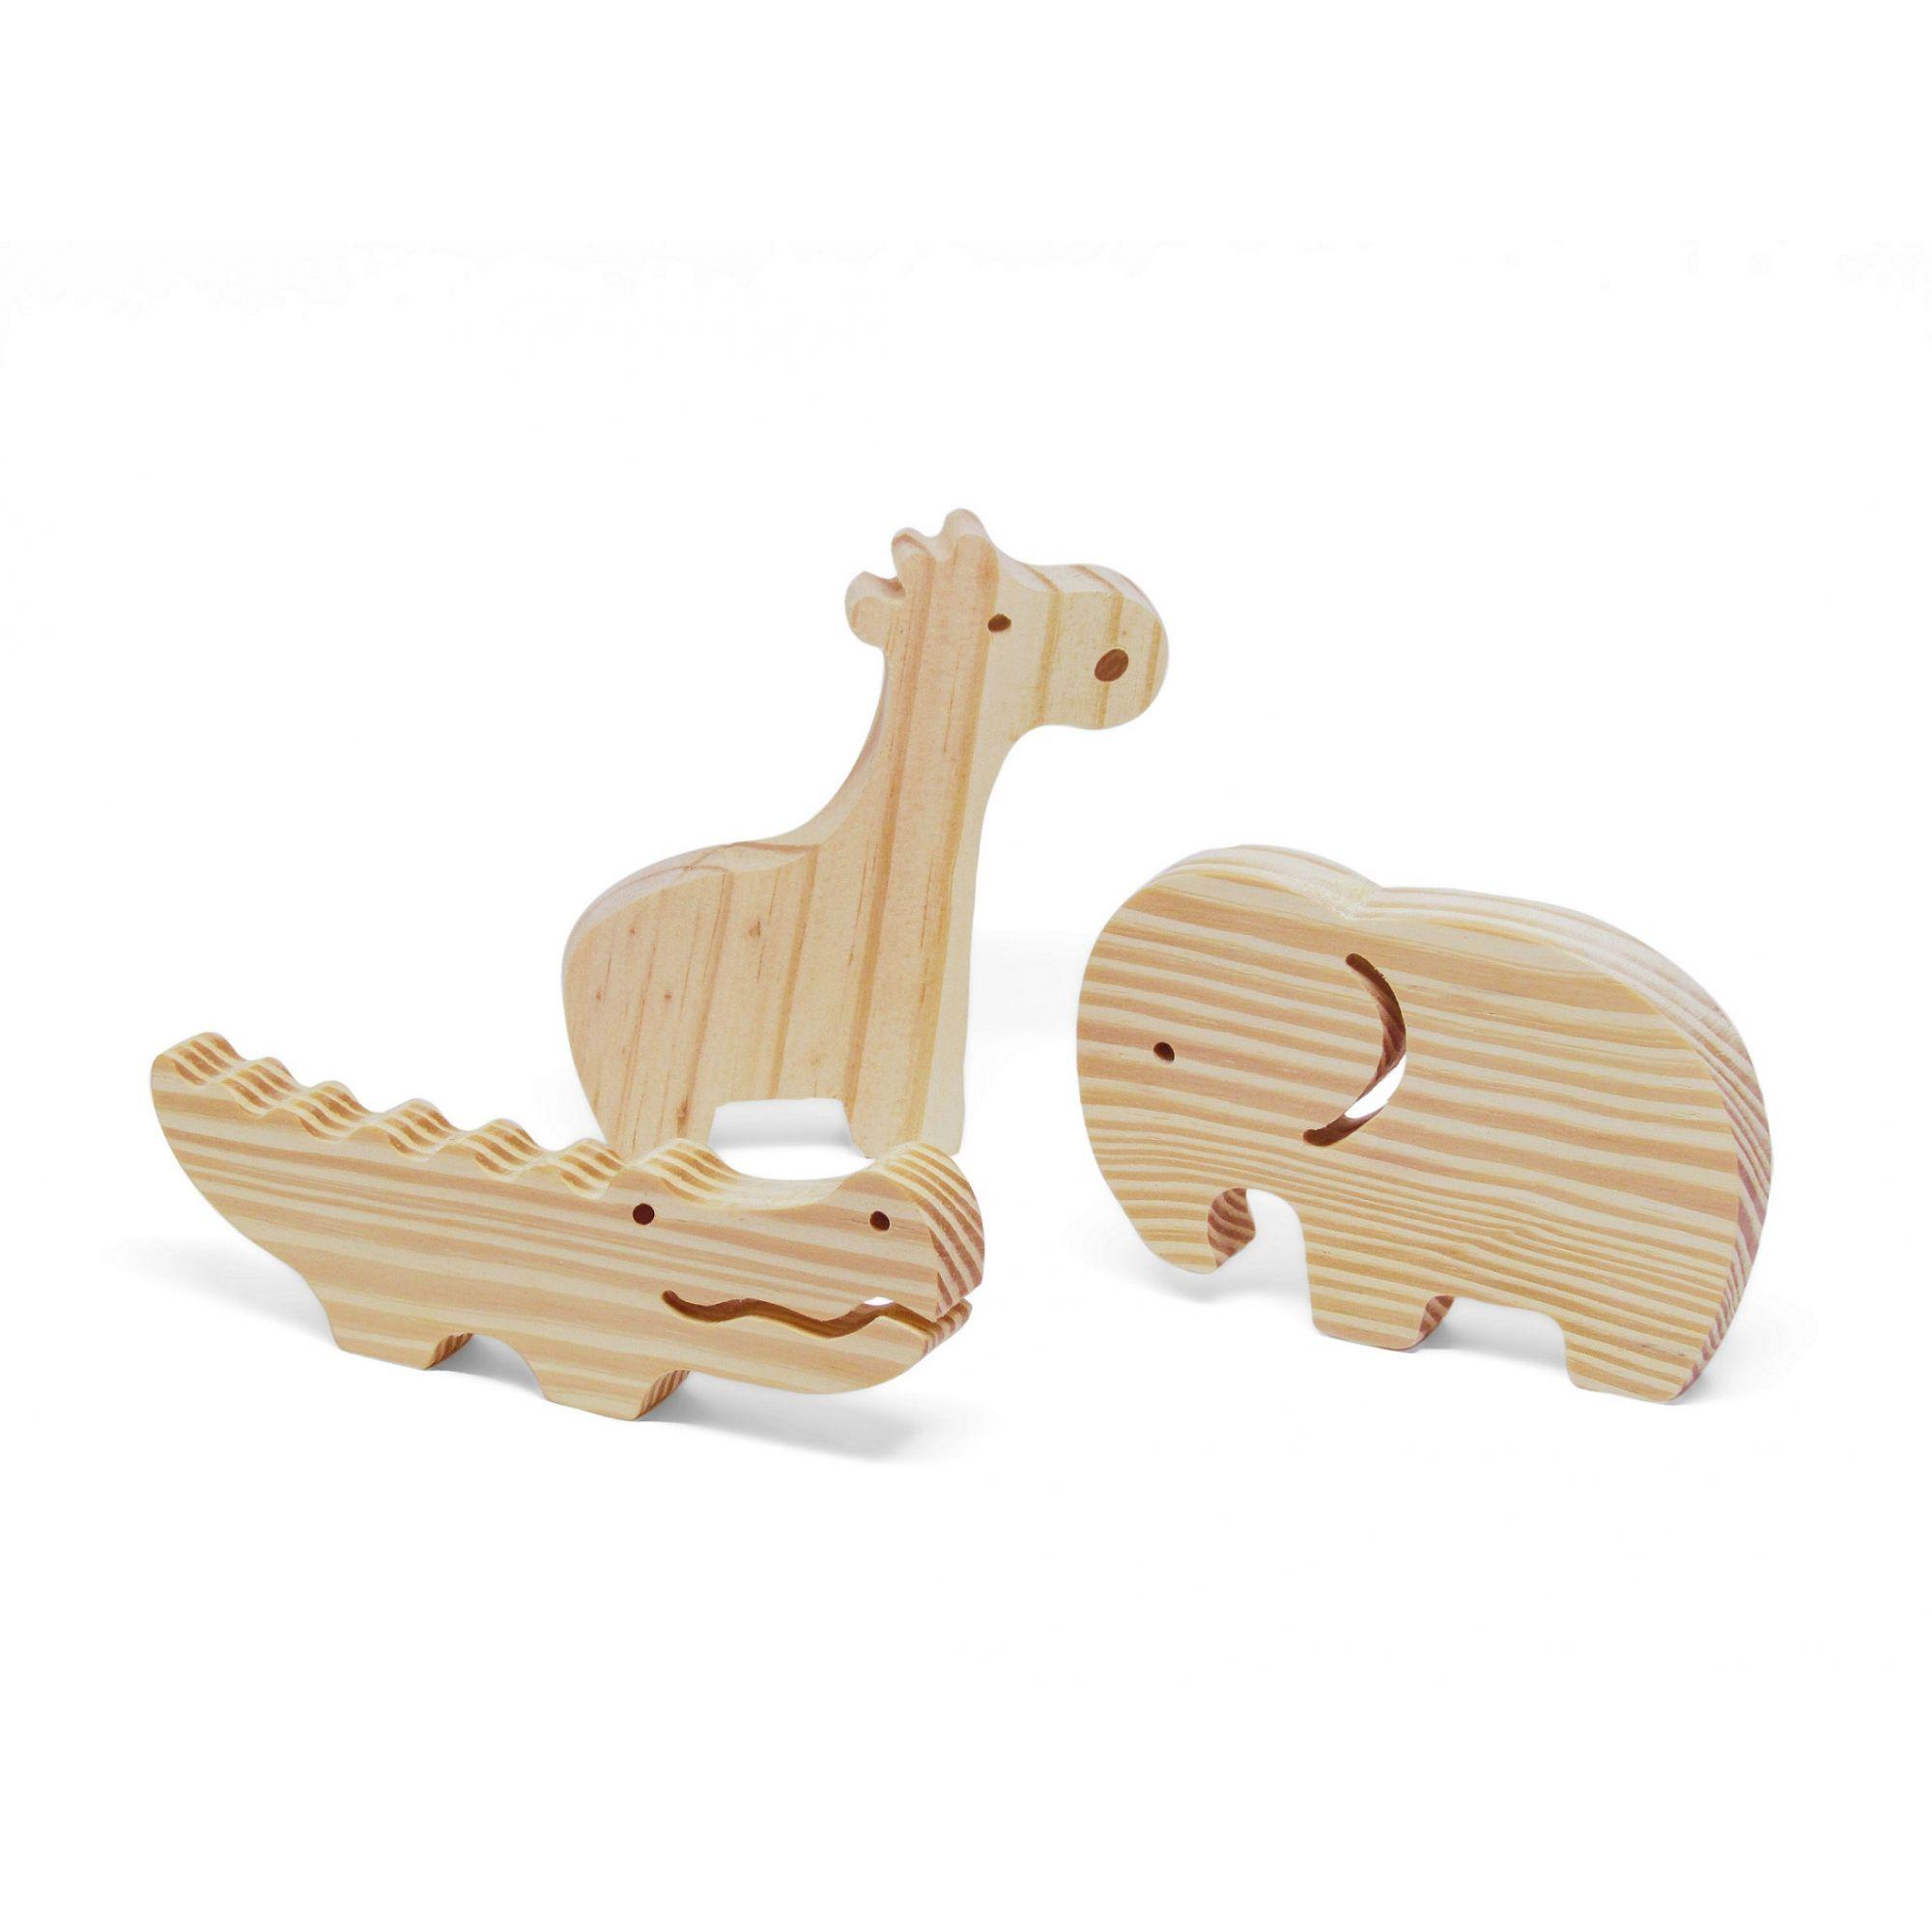 Brinquedo de madeira Kit Animais da Selva, da Pachu - Cód. P-07